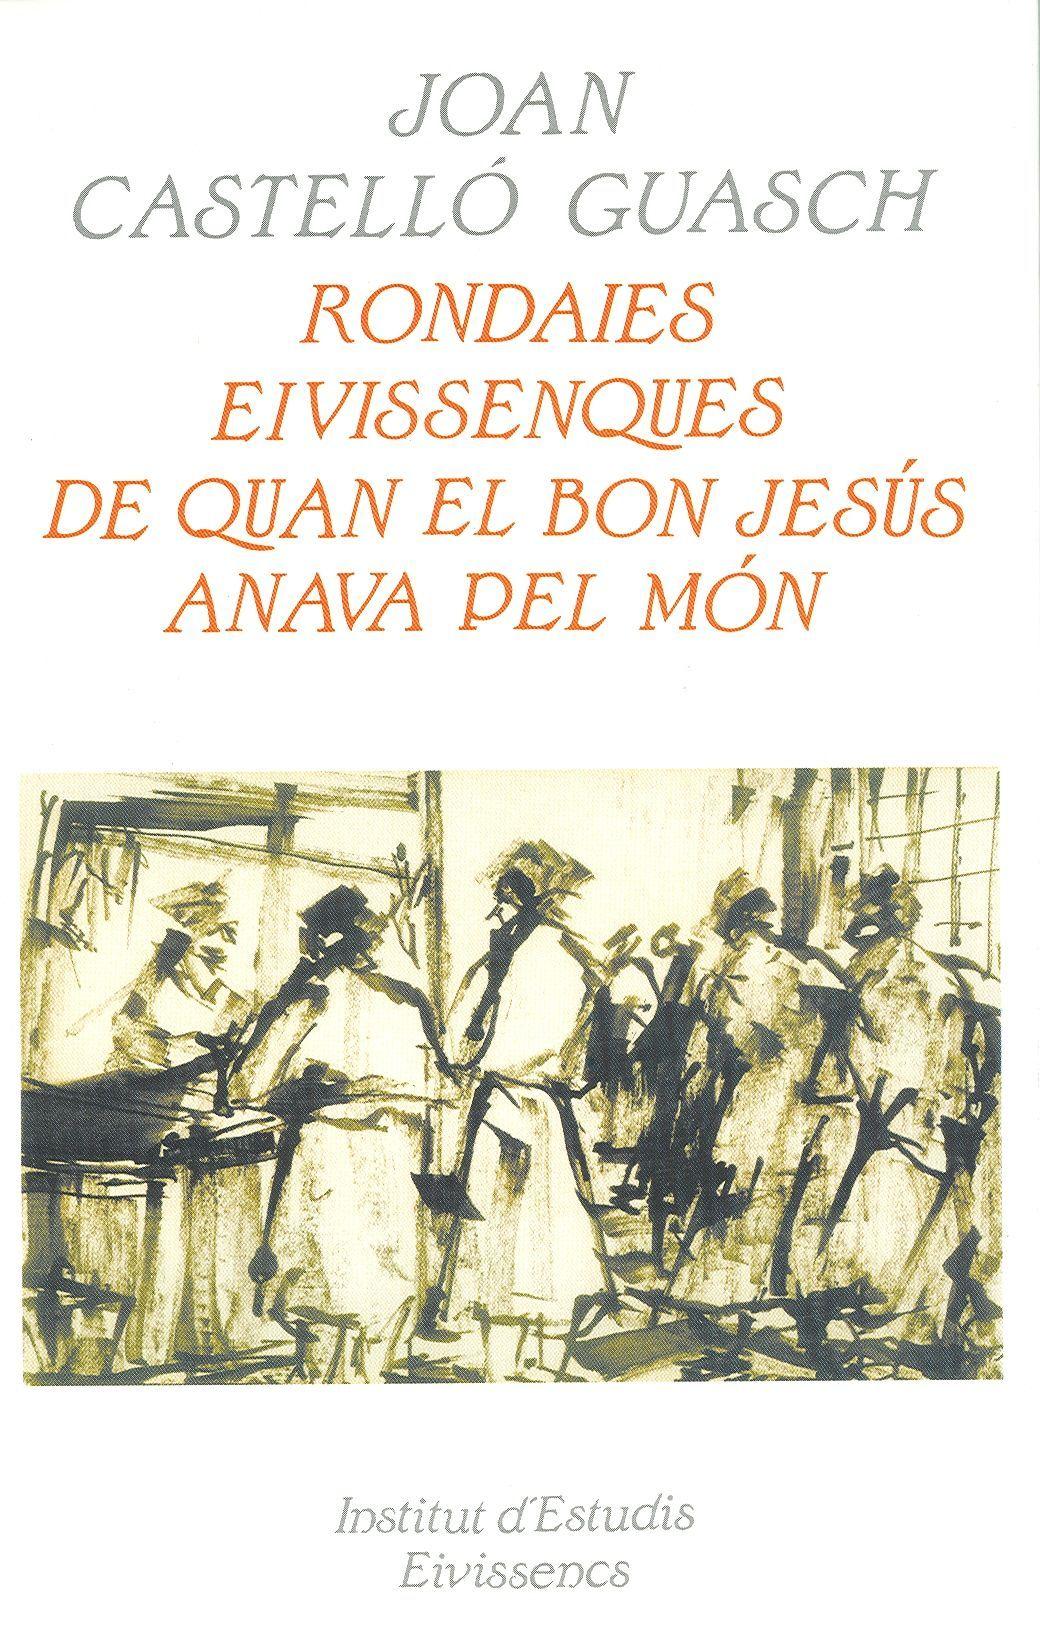 Rondaies eivissenques de quan el bon Jesús anava pel món